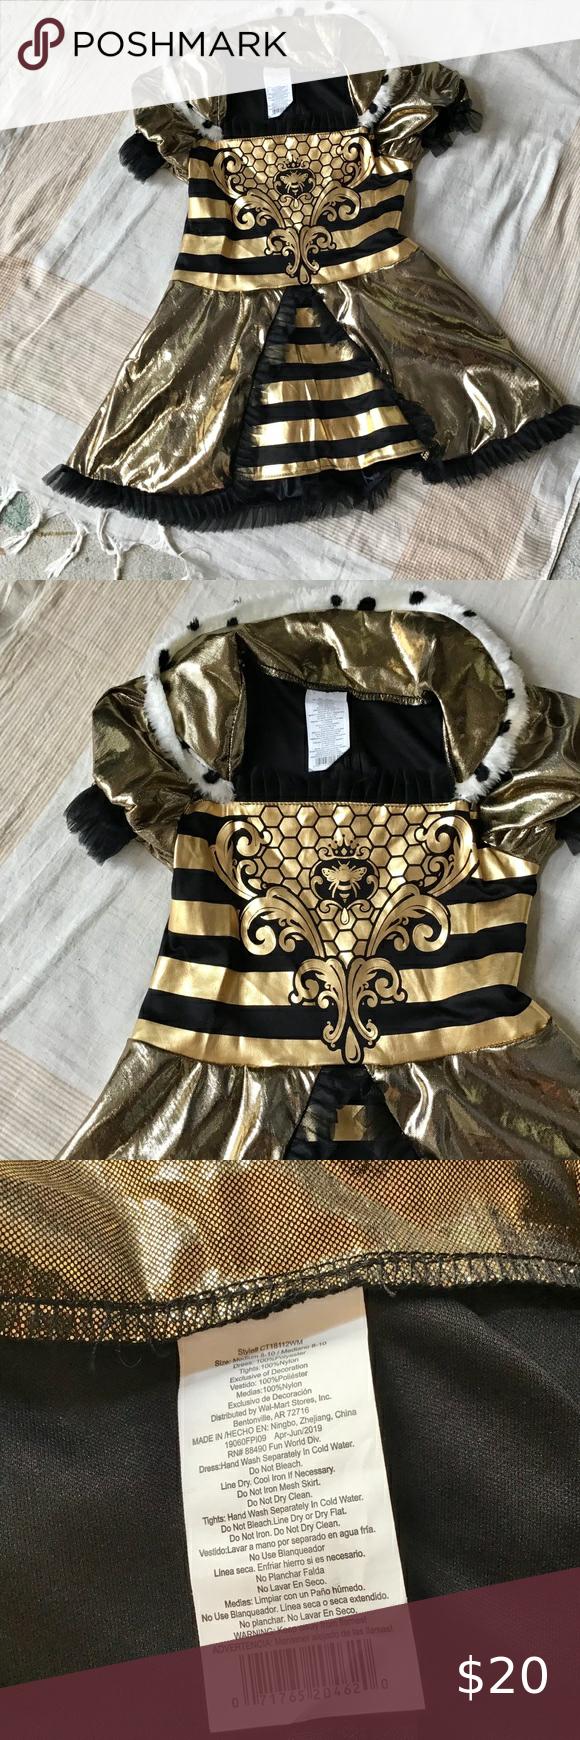 Costume Kids Kids Costumes Metallic Gold And Black Queen Bee Costume [ 1740 x 580 Pixel ]